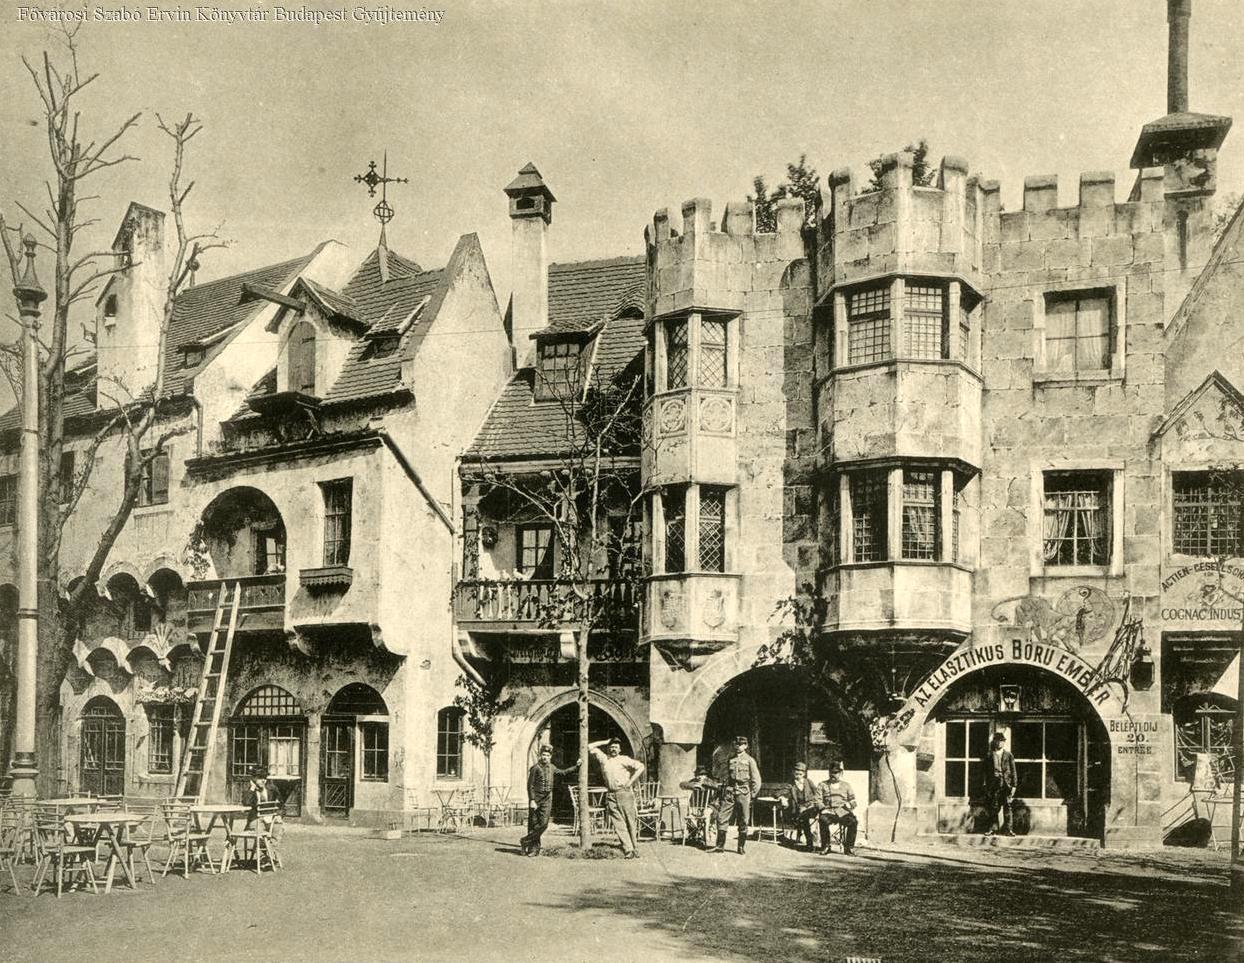 Teljesen átlagosnak tűnő középkori házak Ős-Budavára egyik utcáján. A kép jobb szélén lévő házban viszont a látogató találkozhatott az Elasztikus bőrű emberrel!